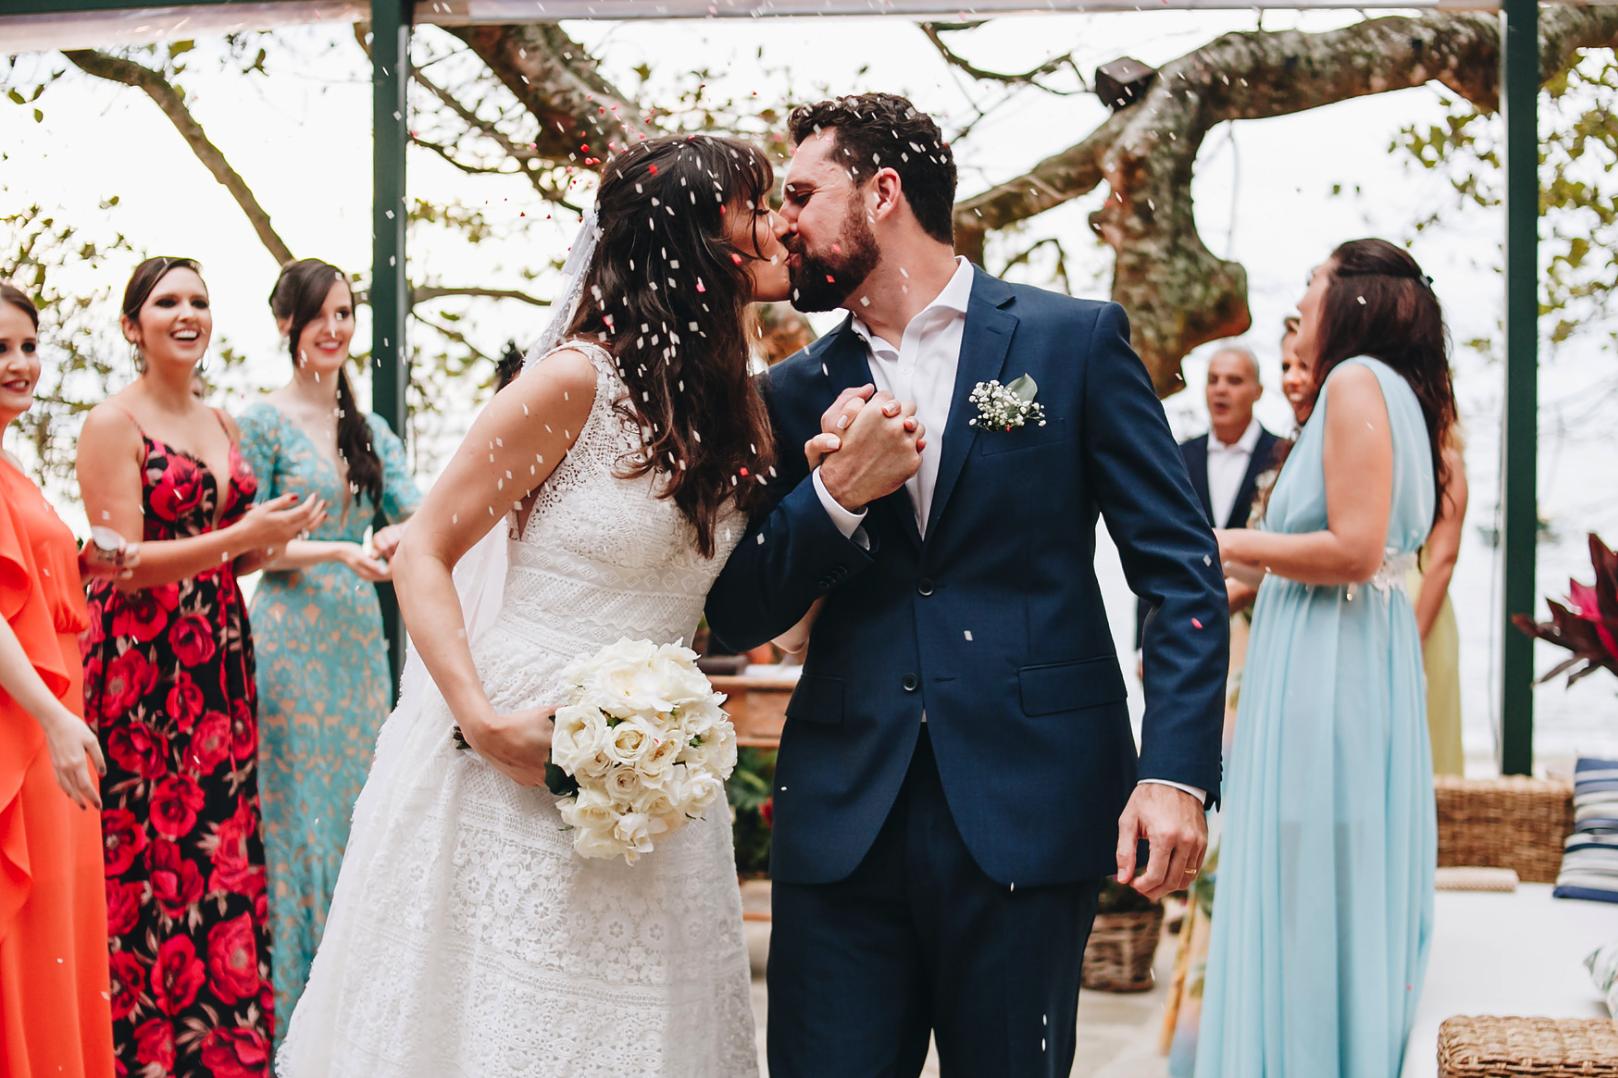 Motivos para Casar no Domingo: Conheça as vantagens